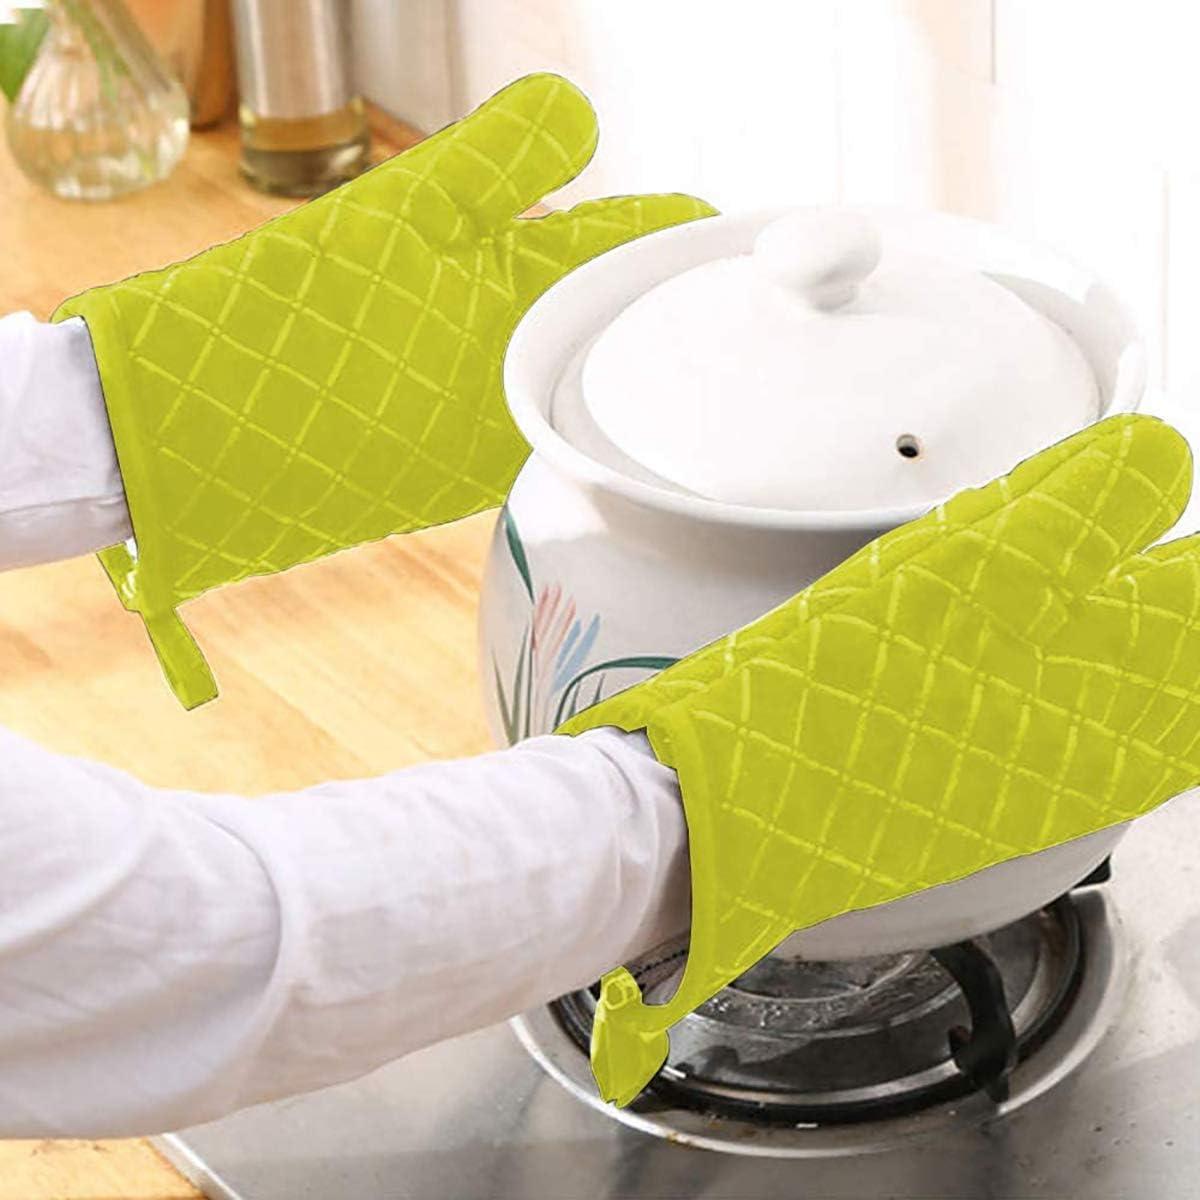 para Cocinar y Hornear Protecci/ón de la Mu/ñeca Guantes Cocina Resistentes al Calor con Superficie de Silicona Antideslizante Guantes Horno Engrosamiento 1 Par Verde HNJKJEU Manopla Horno